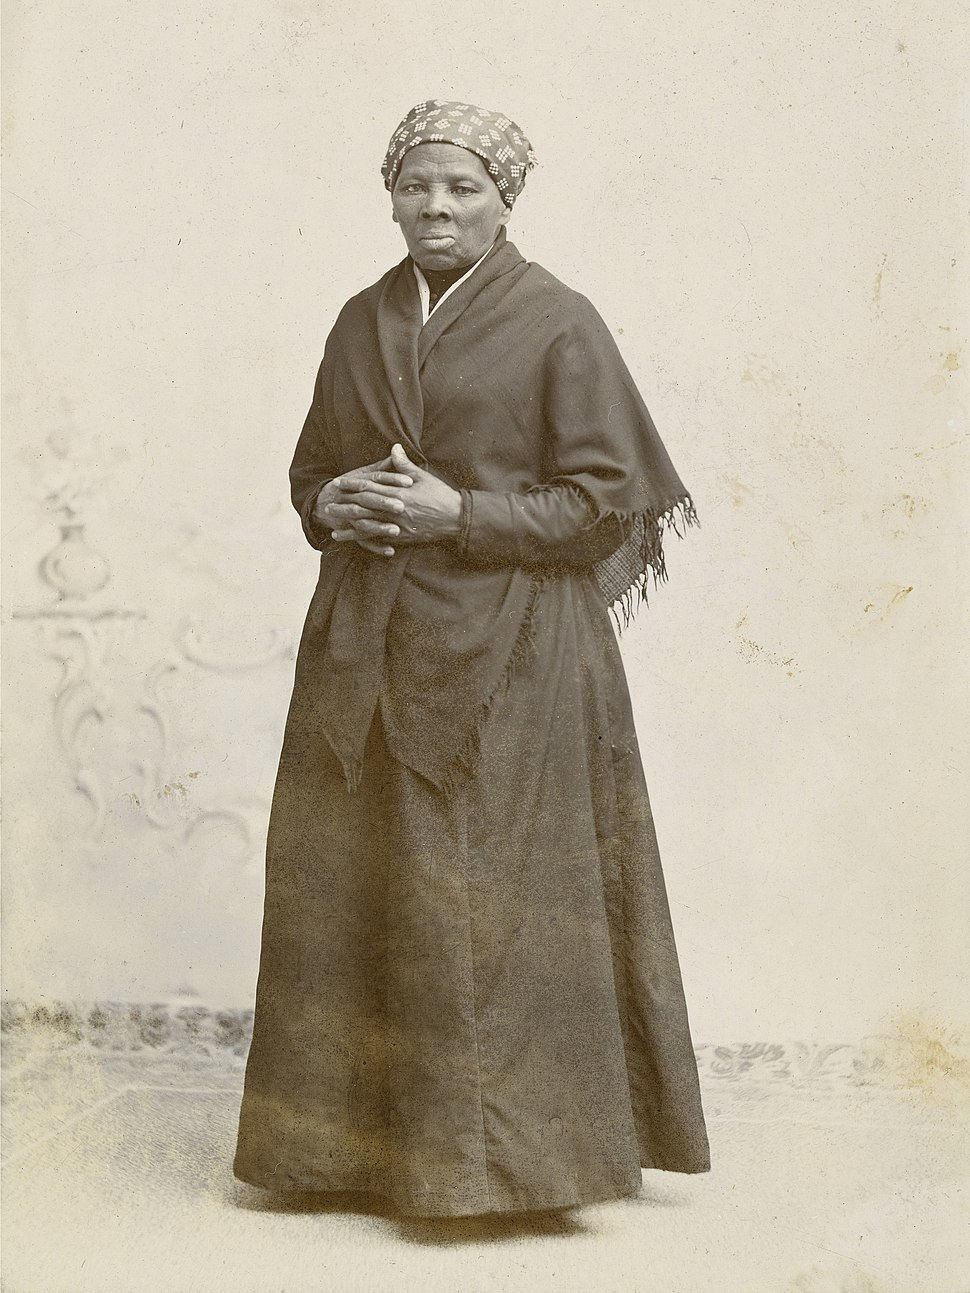 Harriet Tubman by Squyer, NPG, c1885